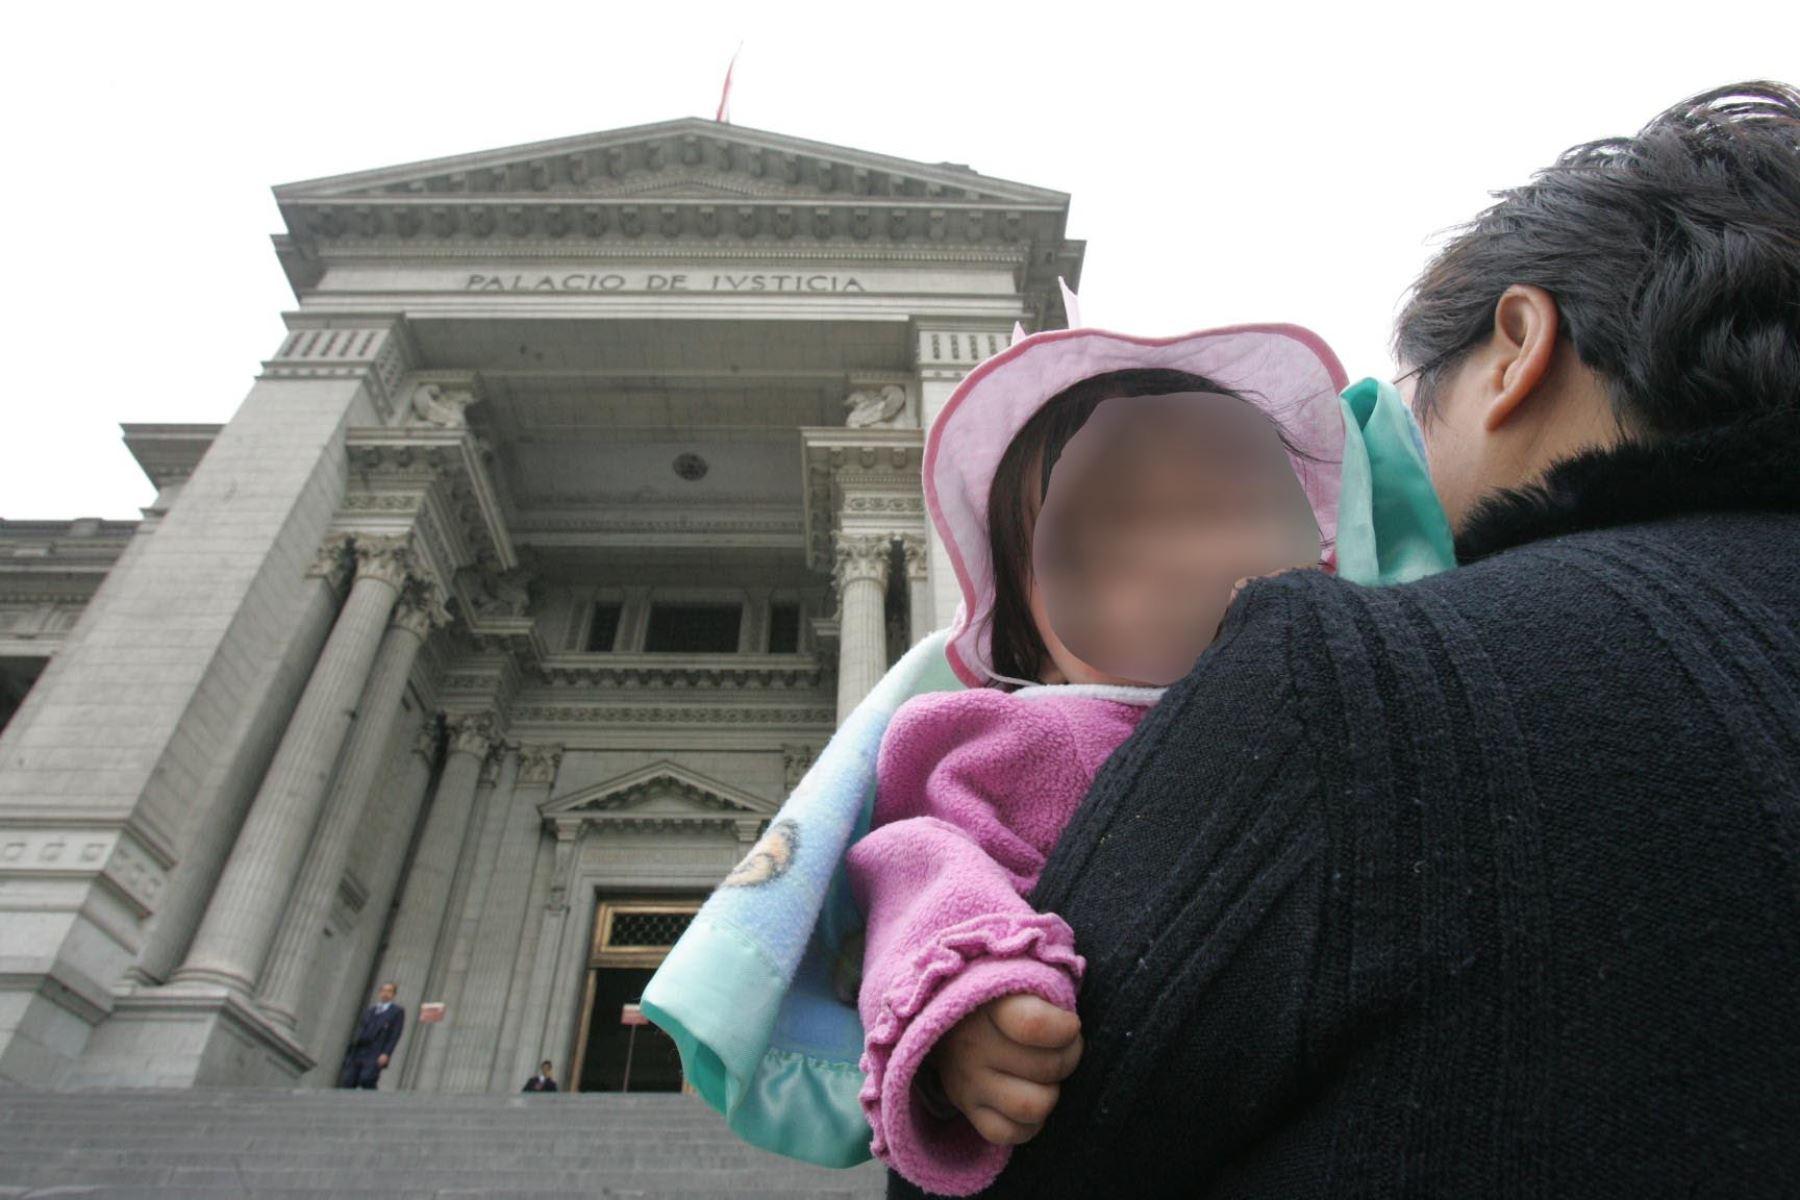 Madre solicita pensión por alimentos para su hija ante Poder Judicial. Foto: Difusión